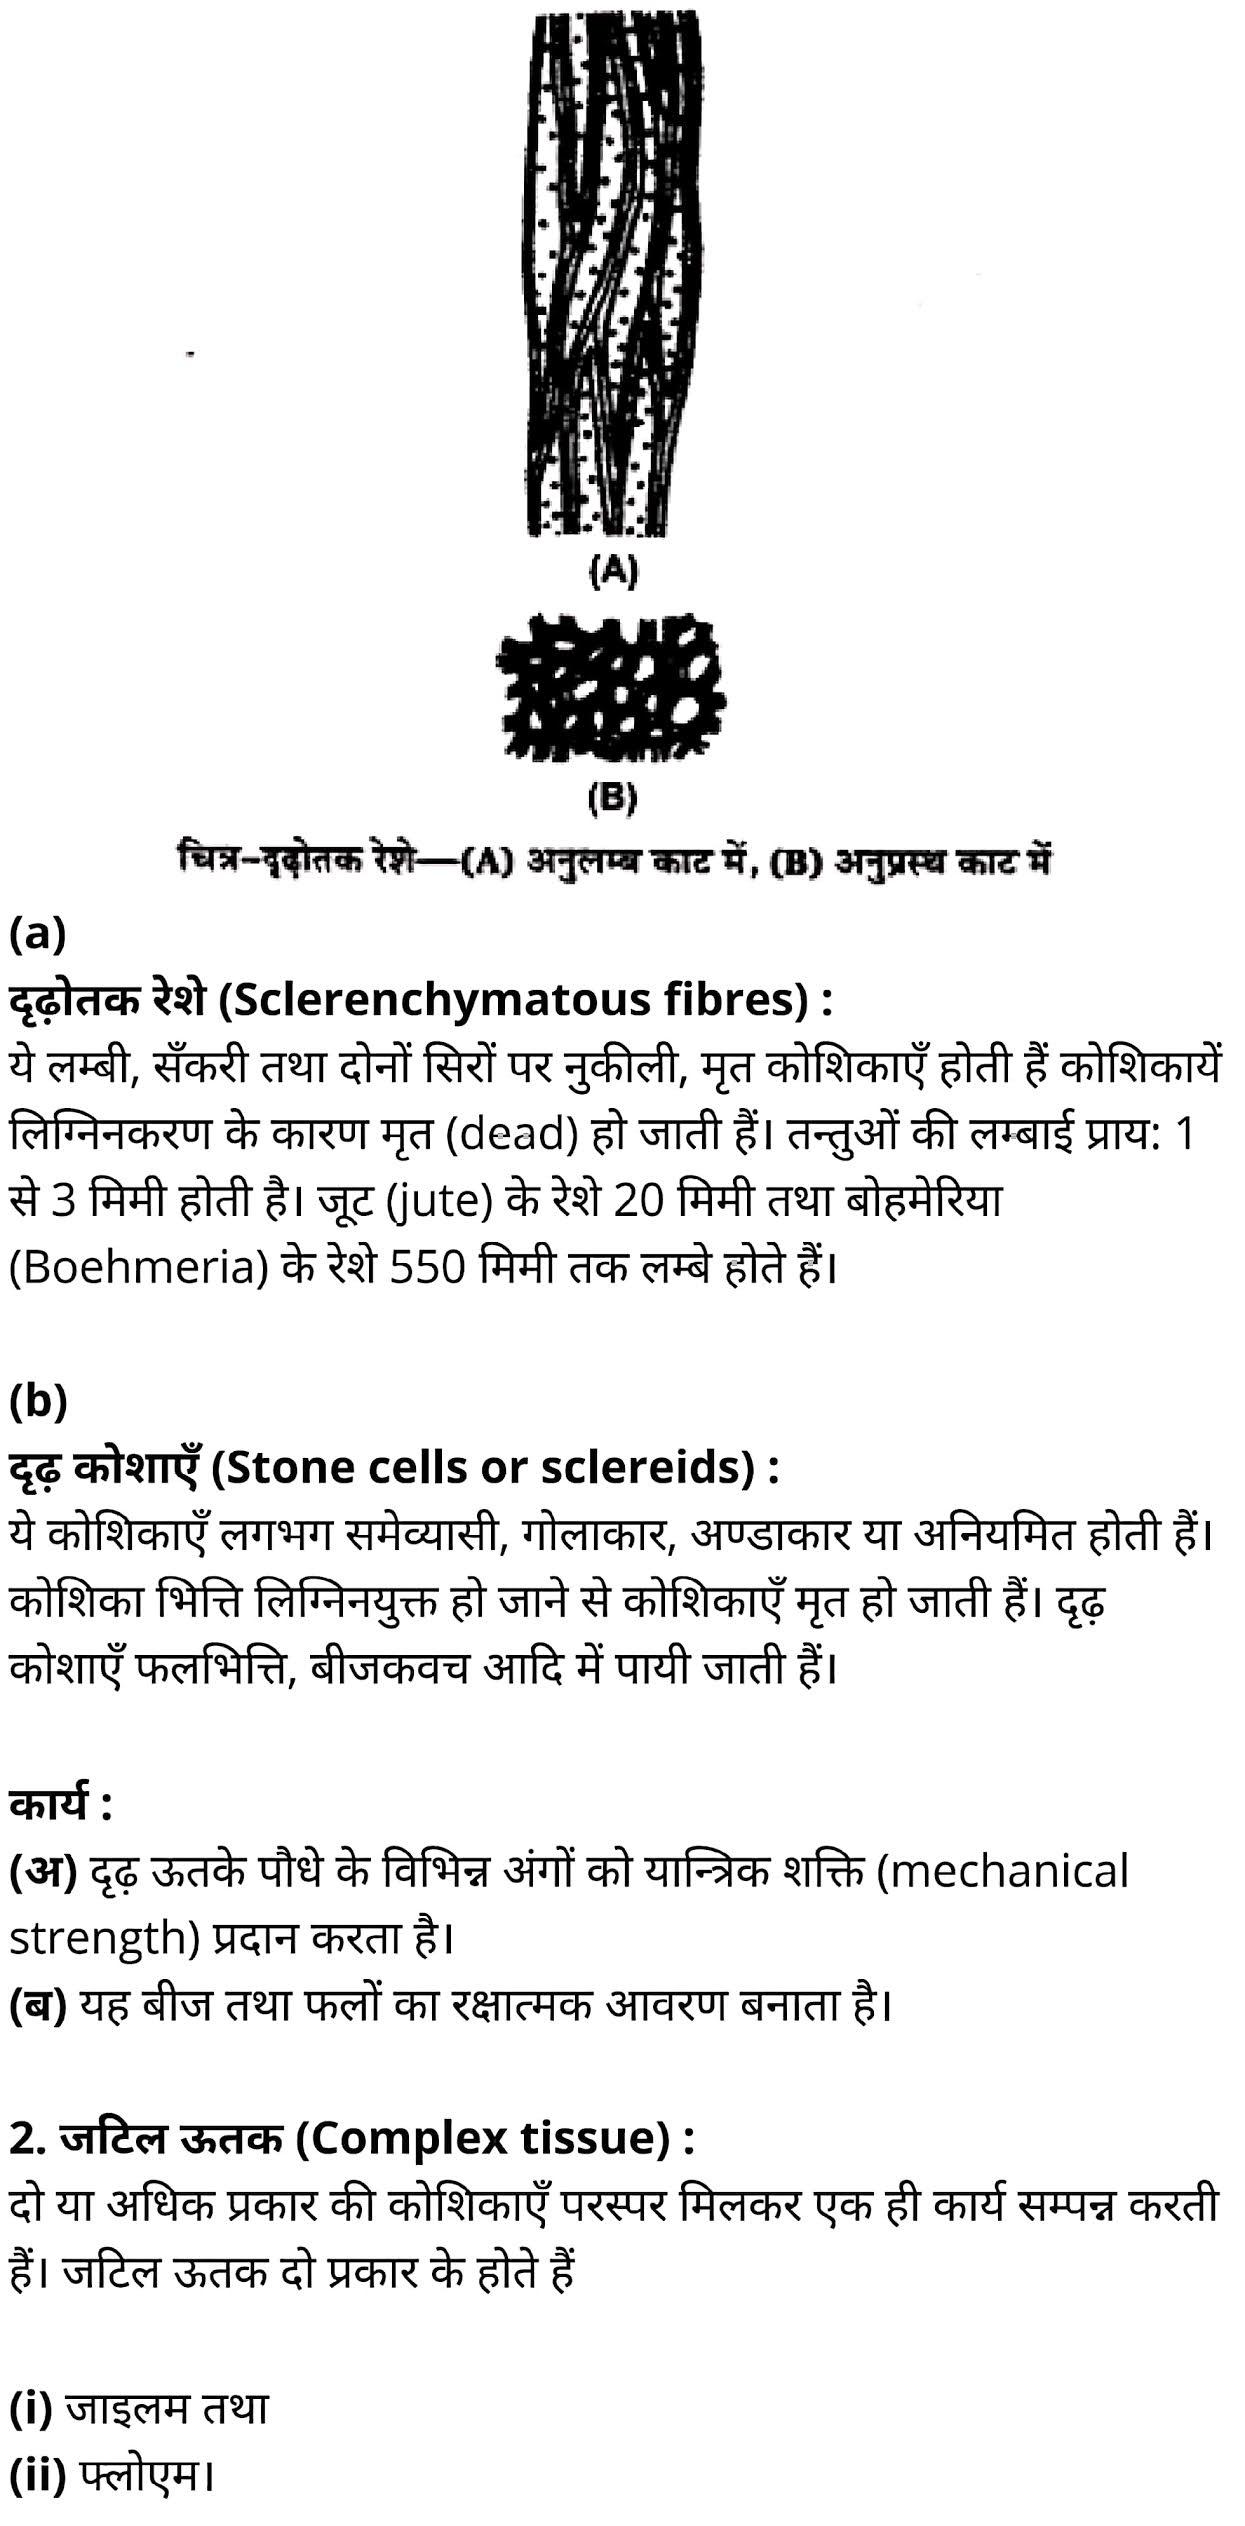 कक्षा 11 जीव विज्ञान अध्याय 6 के नोट्स हिंदी में एनसीईआरटी समाधान,   class 11 Biology Chapter 6,  class 11 Biology Chapter 6 ncert solutions in hindi,  class 11 Biology Chapter 6 notes in hindi,  class 11 Biology Chapter 6 question answer,  class 11 Biology Chapter 6 notes,  11   class Biology Chapter 6 in hindi,  class 11 Biology Chapter 6 in hindi,  class 11 Biology Chapter 6 important questions in hindi,  class 11 Biology notes in hindi,  class 11 Biology Chapter 6 test,  class 11 BiologyChapter 6 pdf,  class 11 Biology Chapter 6 notes pdf,  class 11 Biology Chapter 6 exercise solutions,  class 11 Biology Chapter 6, class 11 Biology Chapter 6 notes study rankers,  class 11 Biology Chapter 6 notes,  class 11 Biology notes,   Biology  class 11  notes pdf,  Biology class 11  notes 2021 ncert,  Biology class 11 pdf,  Biology  book,  Biology quiz class 11  ,   11  th Biology    book up board,  up board 11  th Biology notes,  कक्षा 11 जीव विज्ञान अध्याय 6, कक्षा 11 जीव विज्ञान का अध्याय 6 ncert solution in hindi, कक्षा 11 जीव विज्ञान के अध्याय 6 के नोट्स हिंदी में, कक्षा 11 का जीव विज्ञानअध्याय 6 का प्रश्न उत्तर, कक्षा 11 जीव विज्ञान अध्याय 6के नोट्स, 11 कक्षा जीव विज्ञान अध्याय 6 हिंदी में,कक्षा 11 जीव विज्ञान अध्याय 6 हिंदी में, कक्षा 11 जीव विज्ञान अध्याय 6 महत्वपूर्ण प्रश्न हिंदी में,कक्षा 11 के जीव विज्ञानके नोट्स हिंदी में,जीव विज्ञान कक्षा 11 नोट्स pdf,